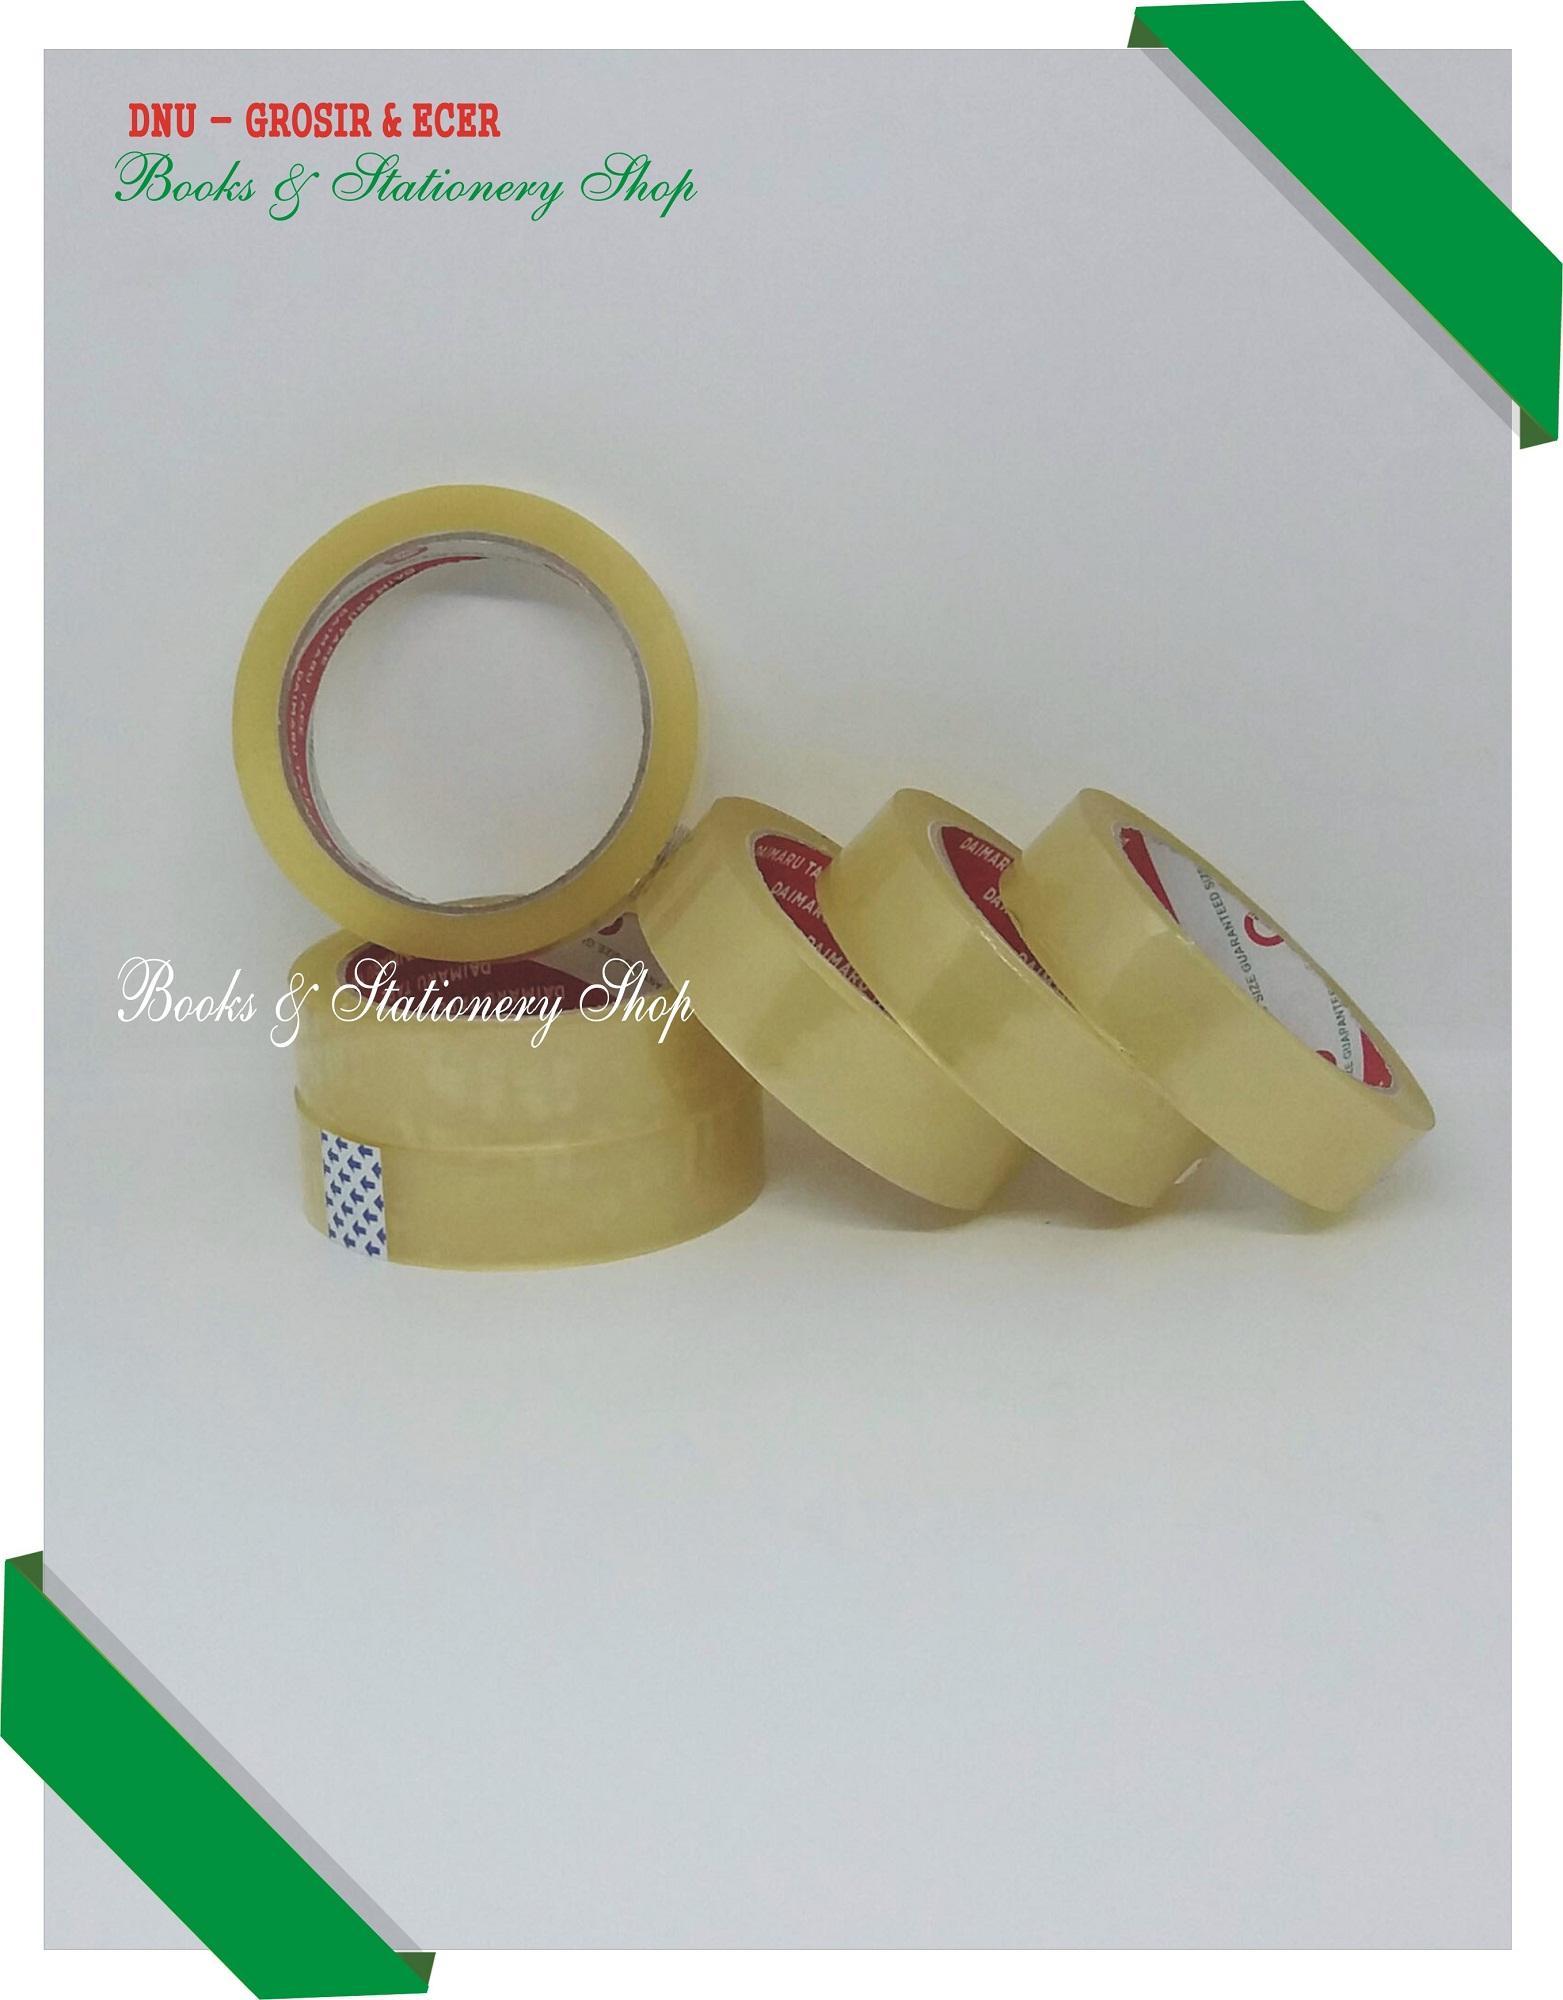 Fitur Pemotong Solasi Lion No 20 Kecil Asli 12 Pcs Pensil Warna Kenko 6 Biji Daimaru 1 Inchi Besar 24mm Original Punch Stapler Steples Pembolong